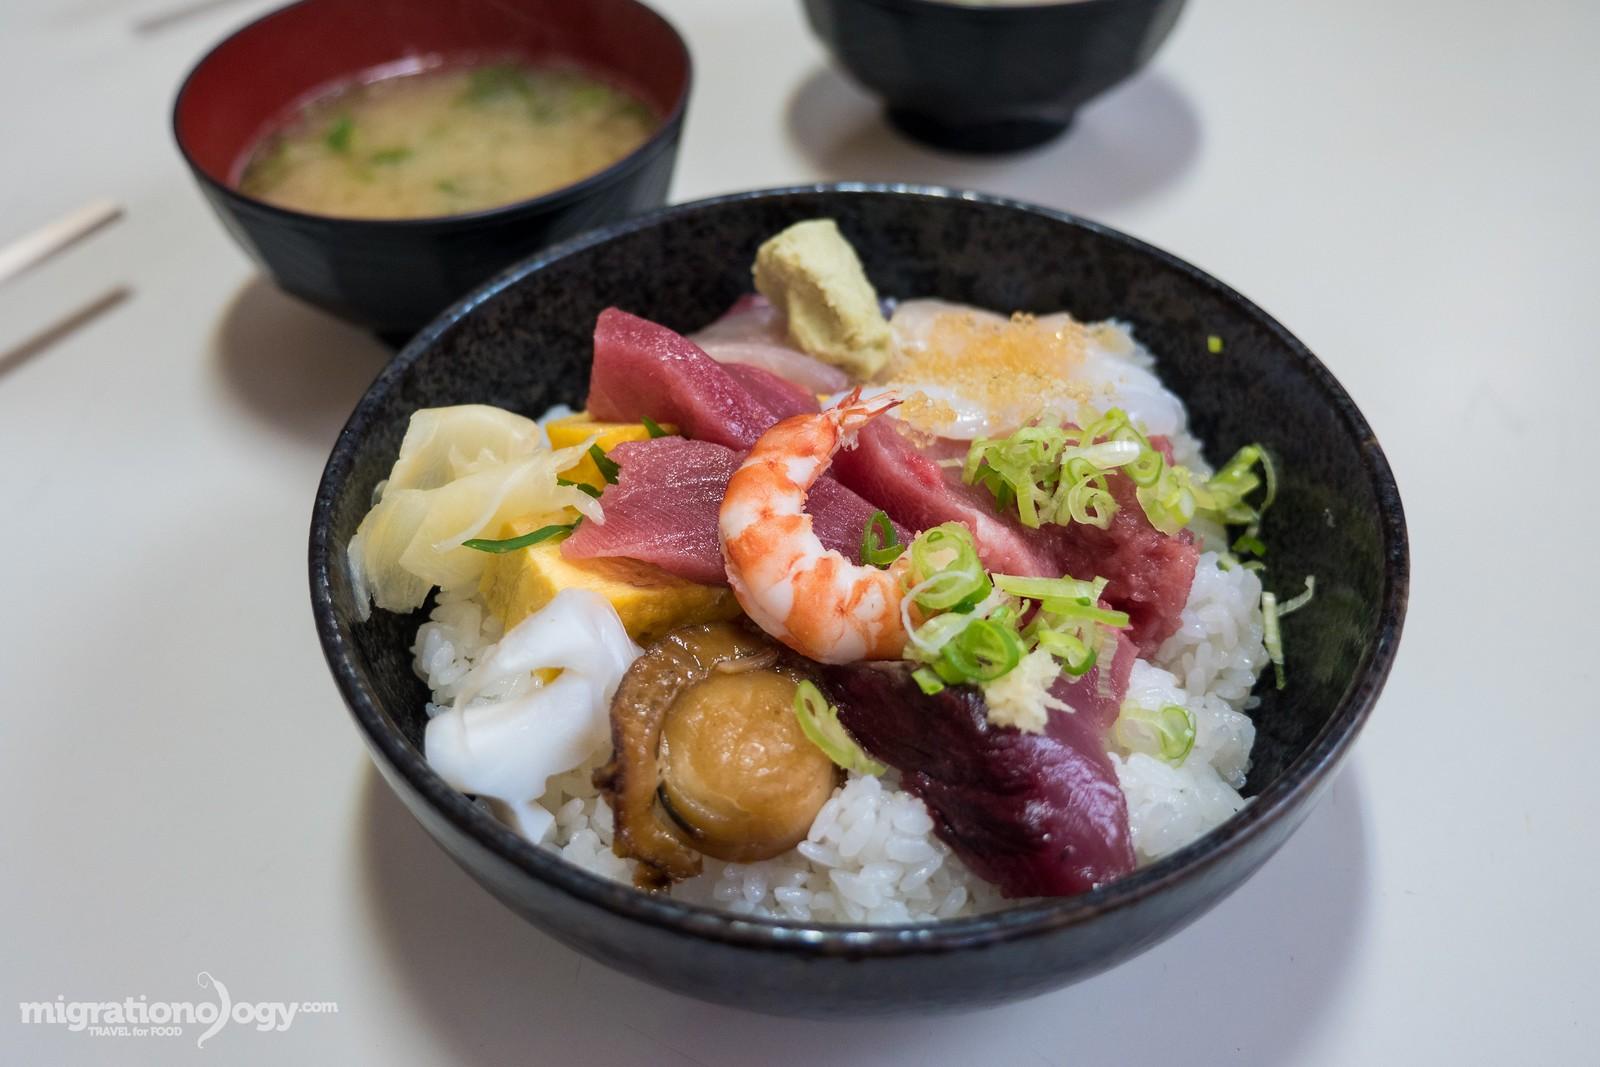 8 món đặc sản nên thử qua khi đến chợ cá Tsukiji nổi tiếng ở Nhật Bản - Ảnh 8.